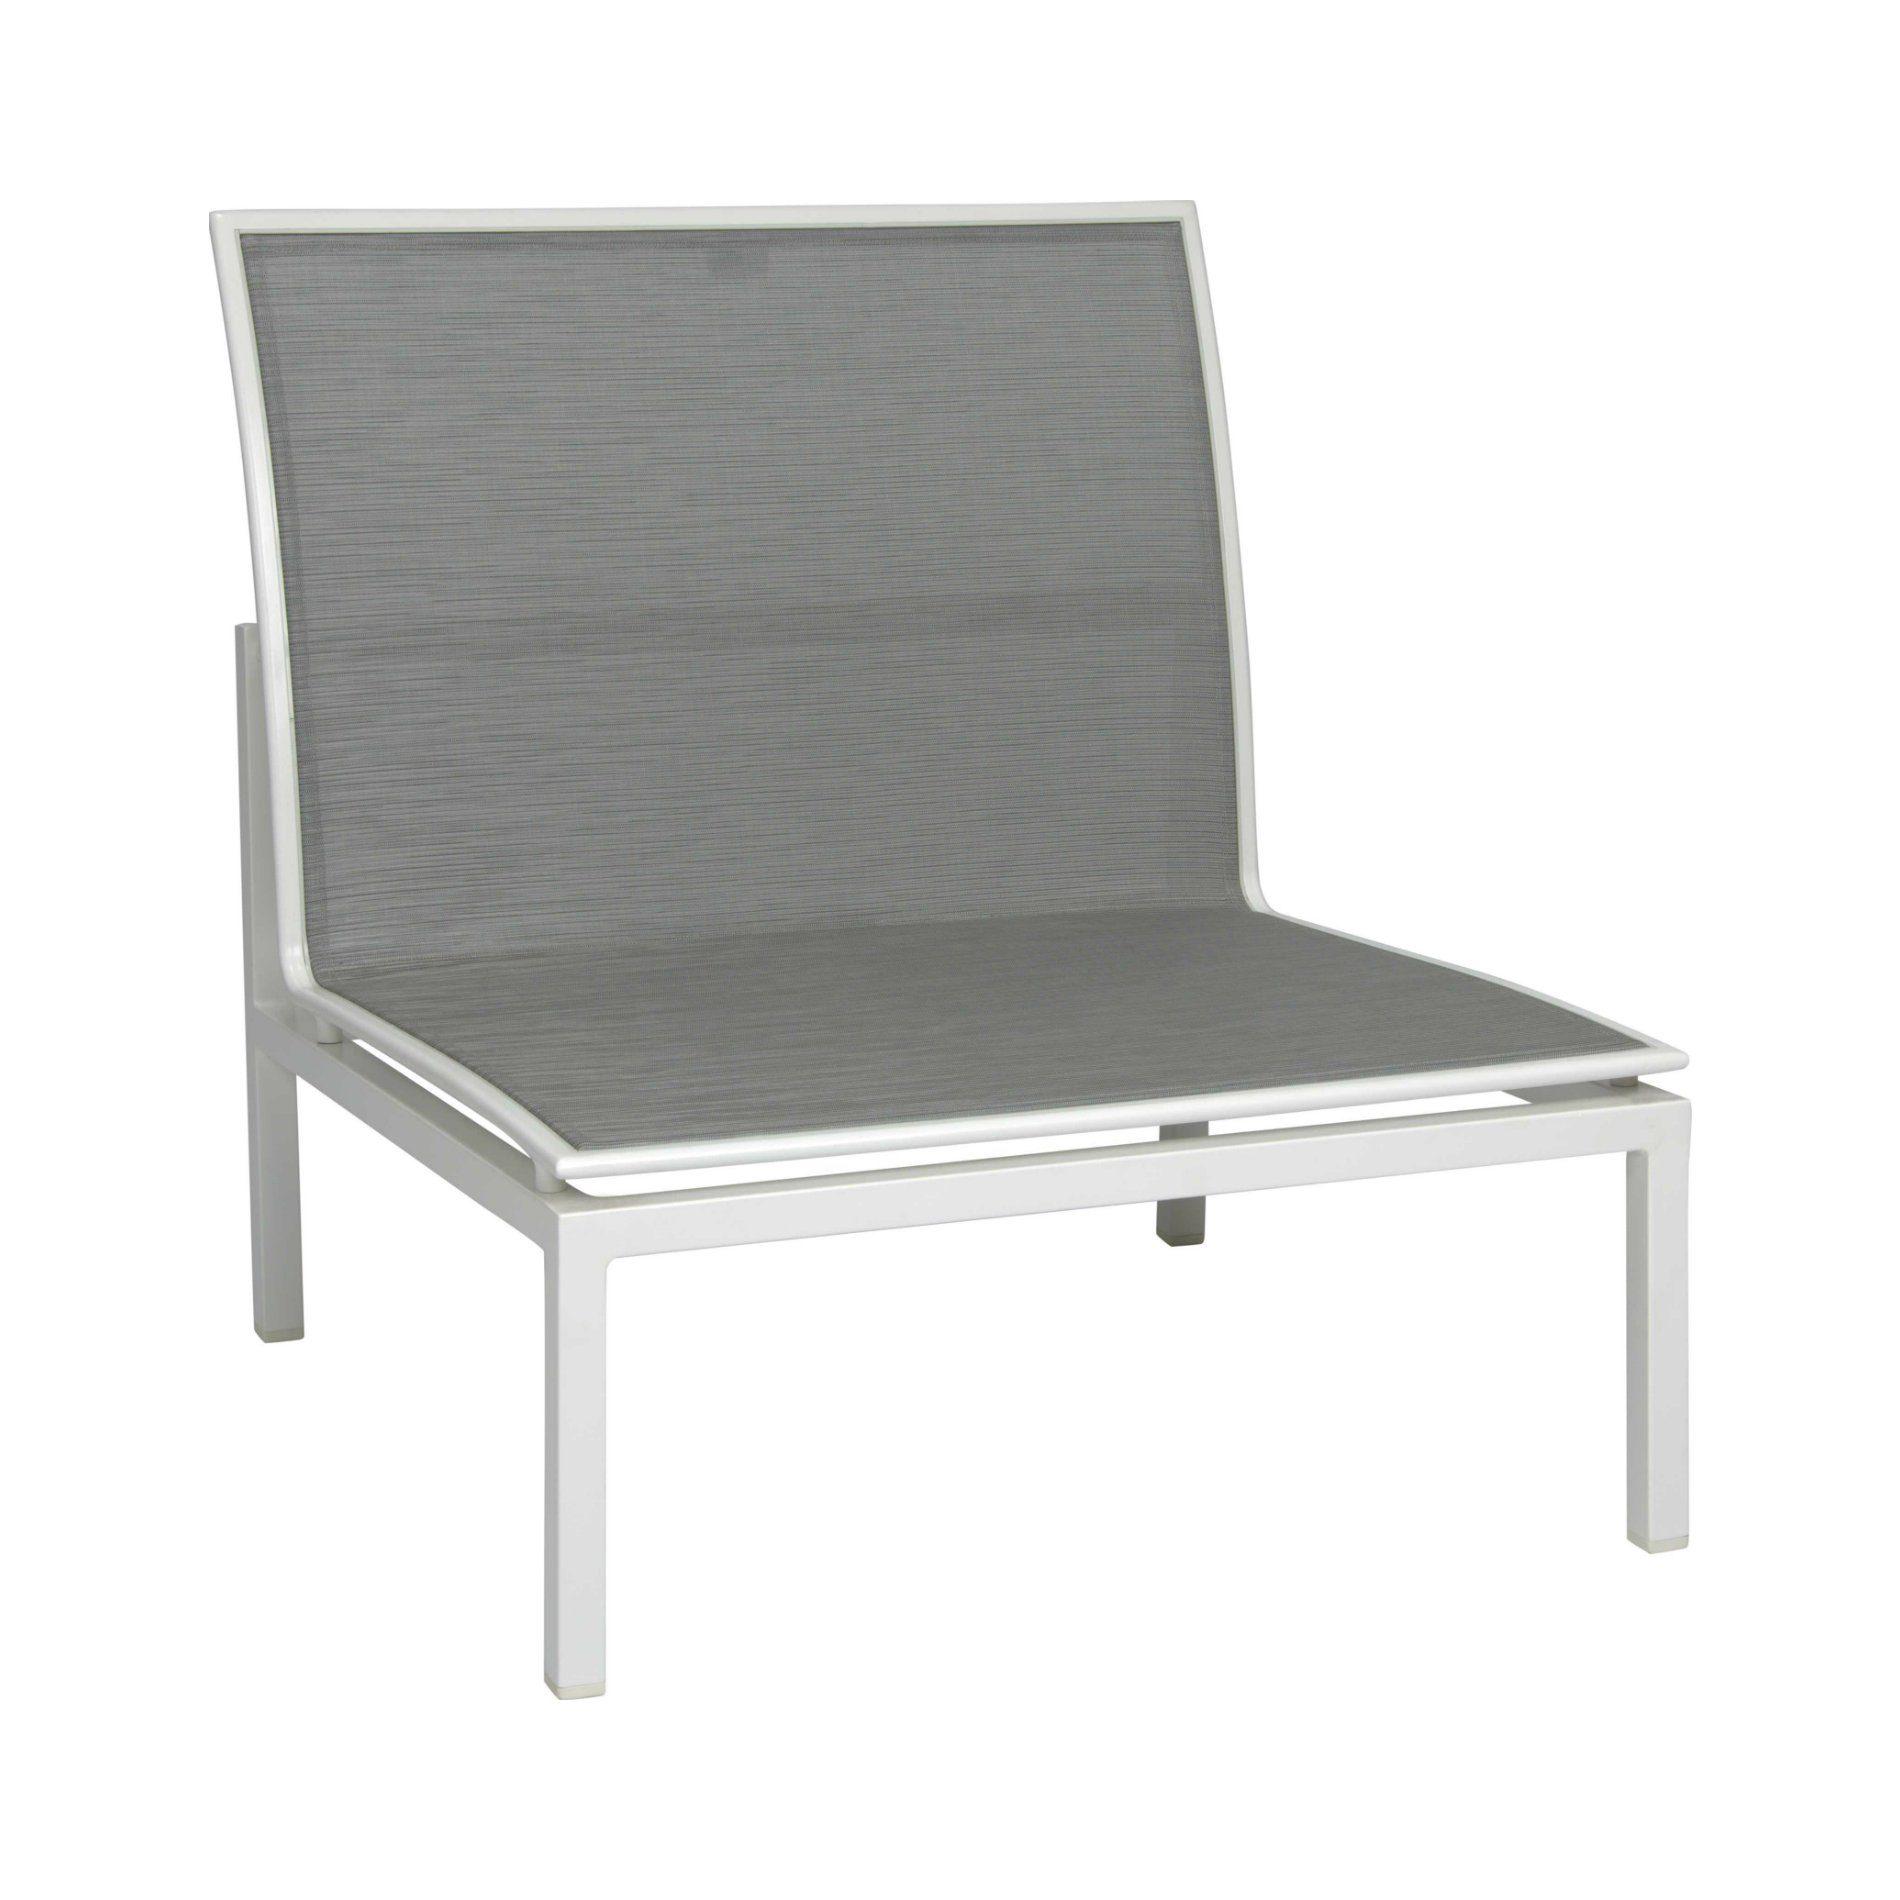 """Mittelelement """"Skelby"""" von Stern, Gestell Aluminium weiß, Textilenbezug silber"""